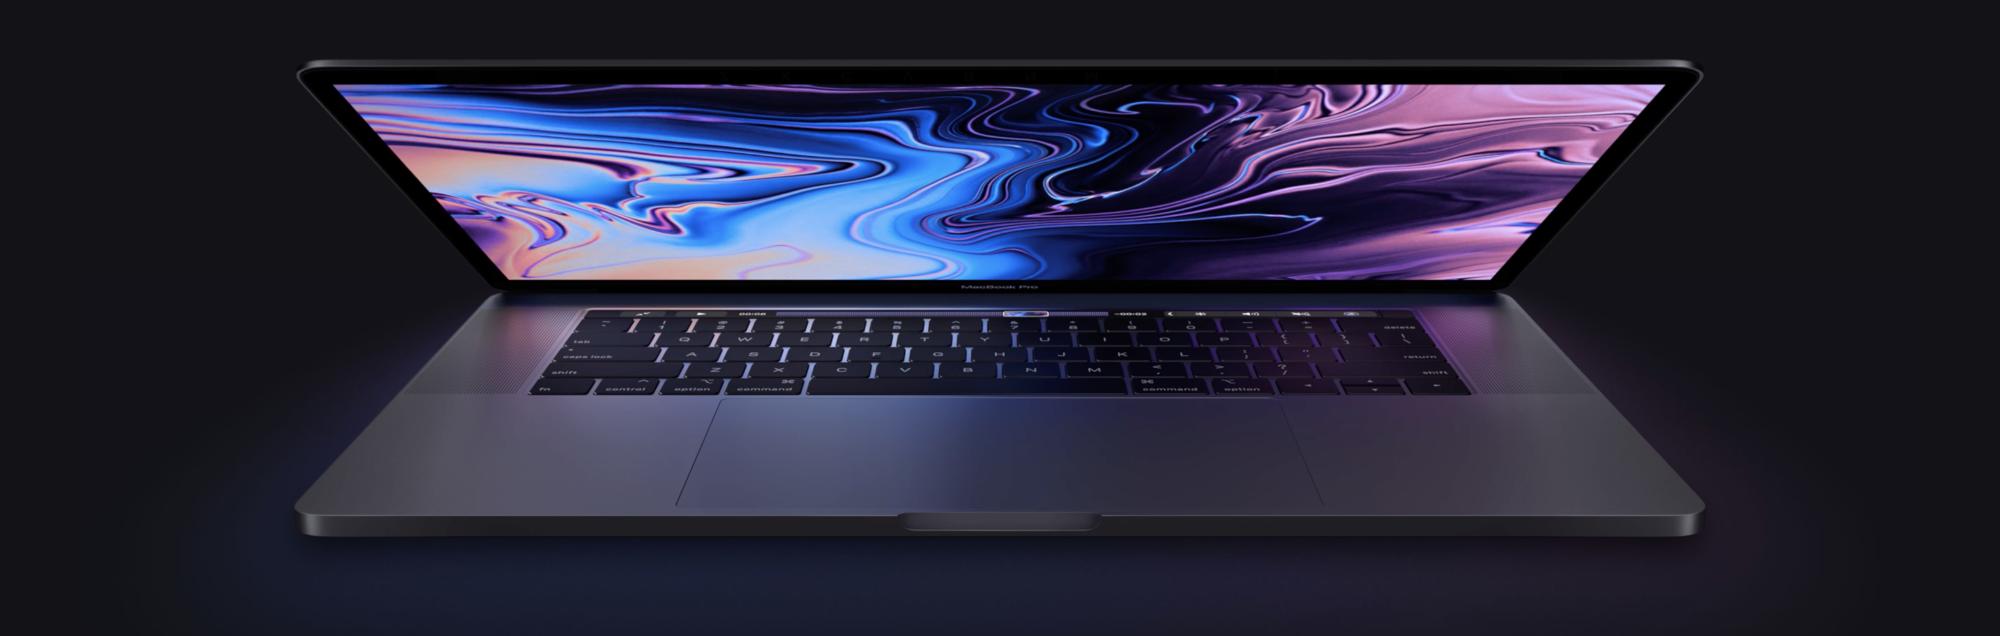 400-Franken-g-nstiger-Das-neue-8-Core-MacBook-Pro-